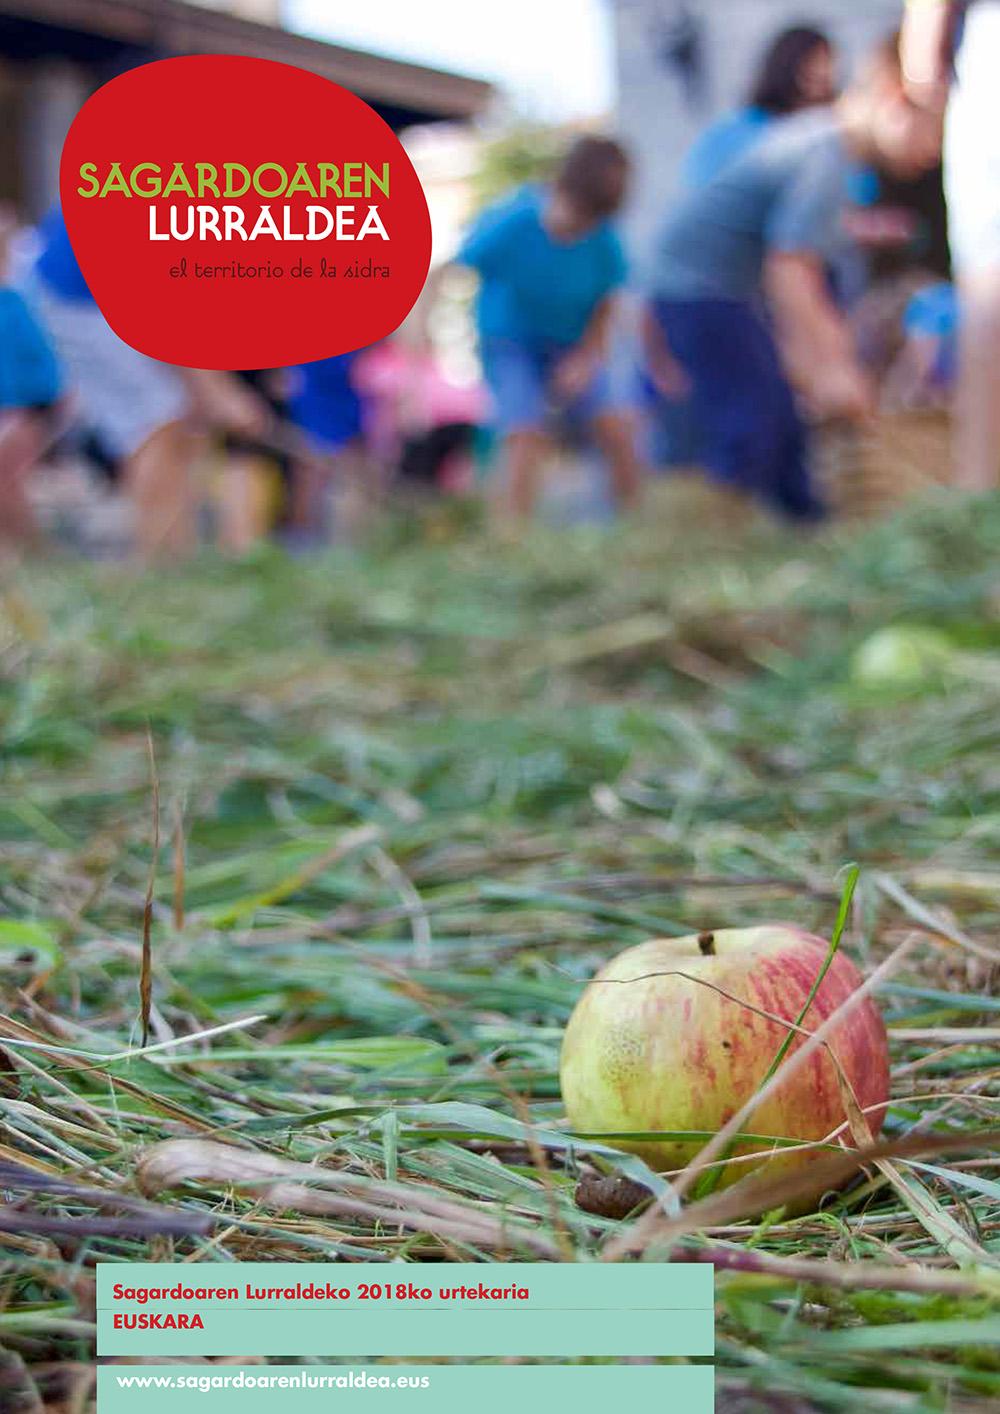 Anuario 2018 de Sagardoaren Lurraldea